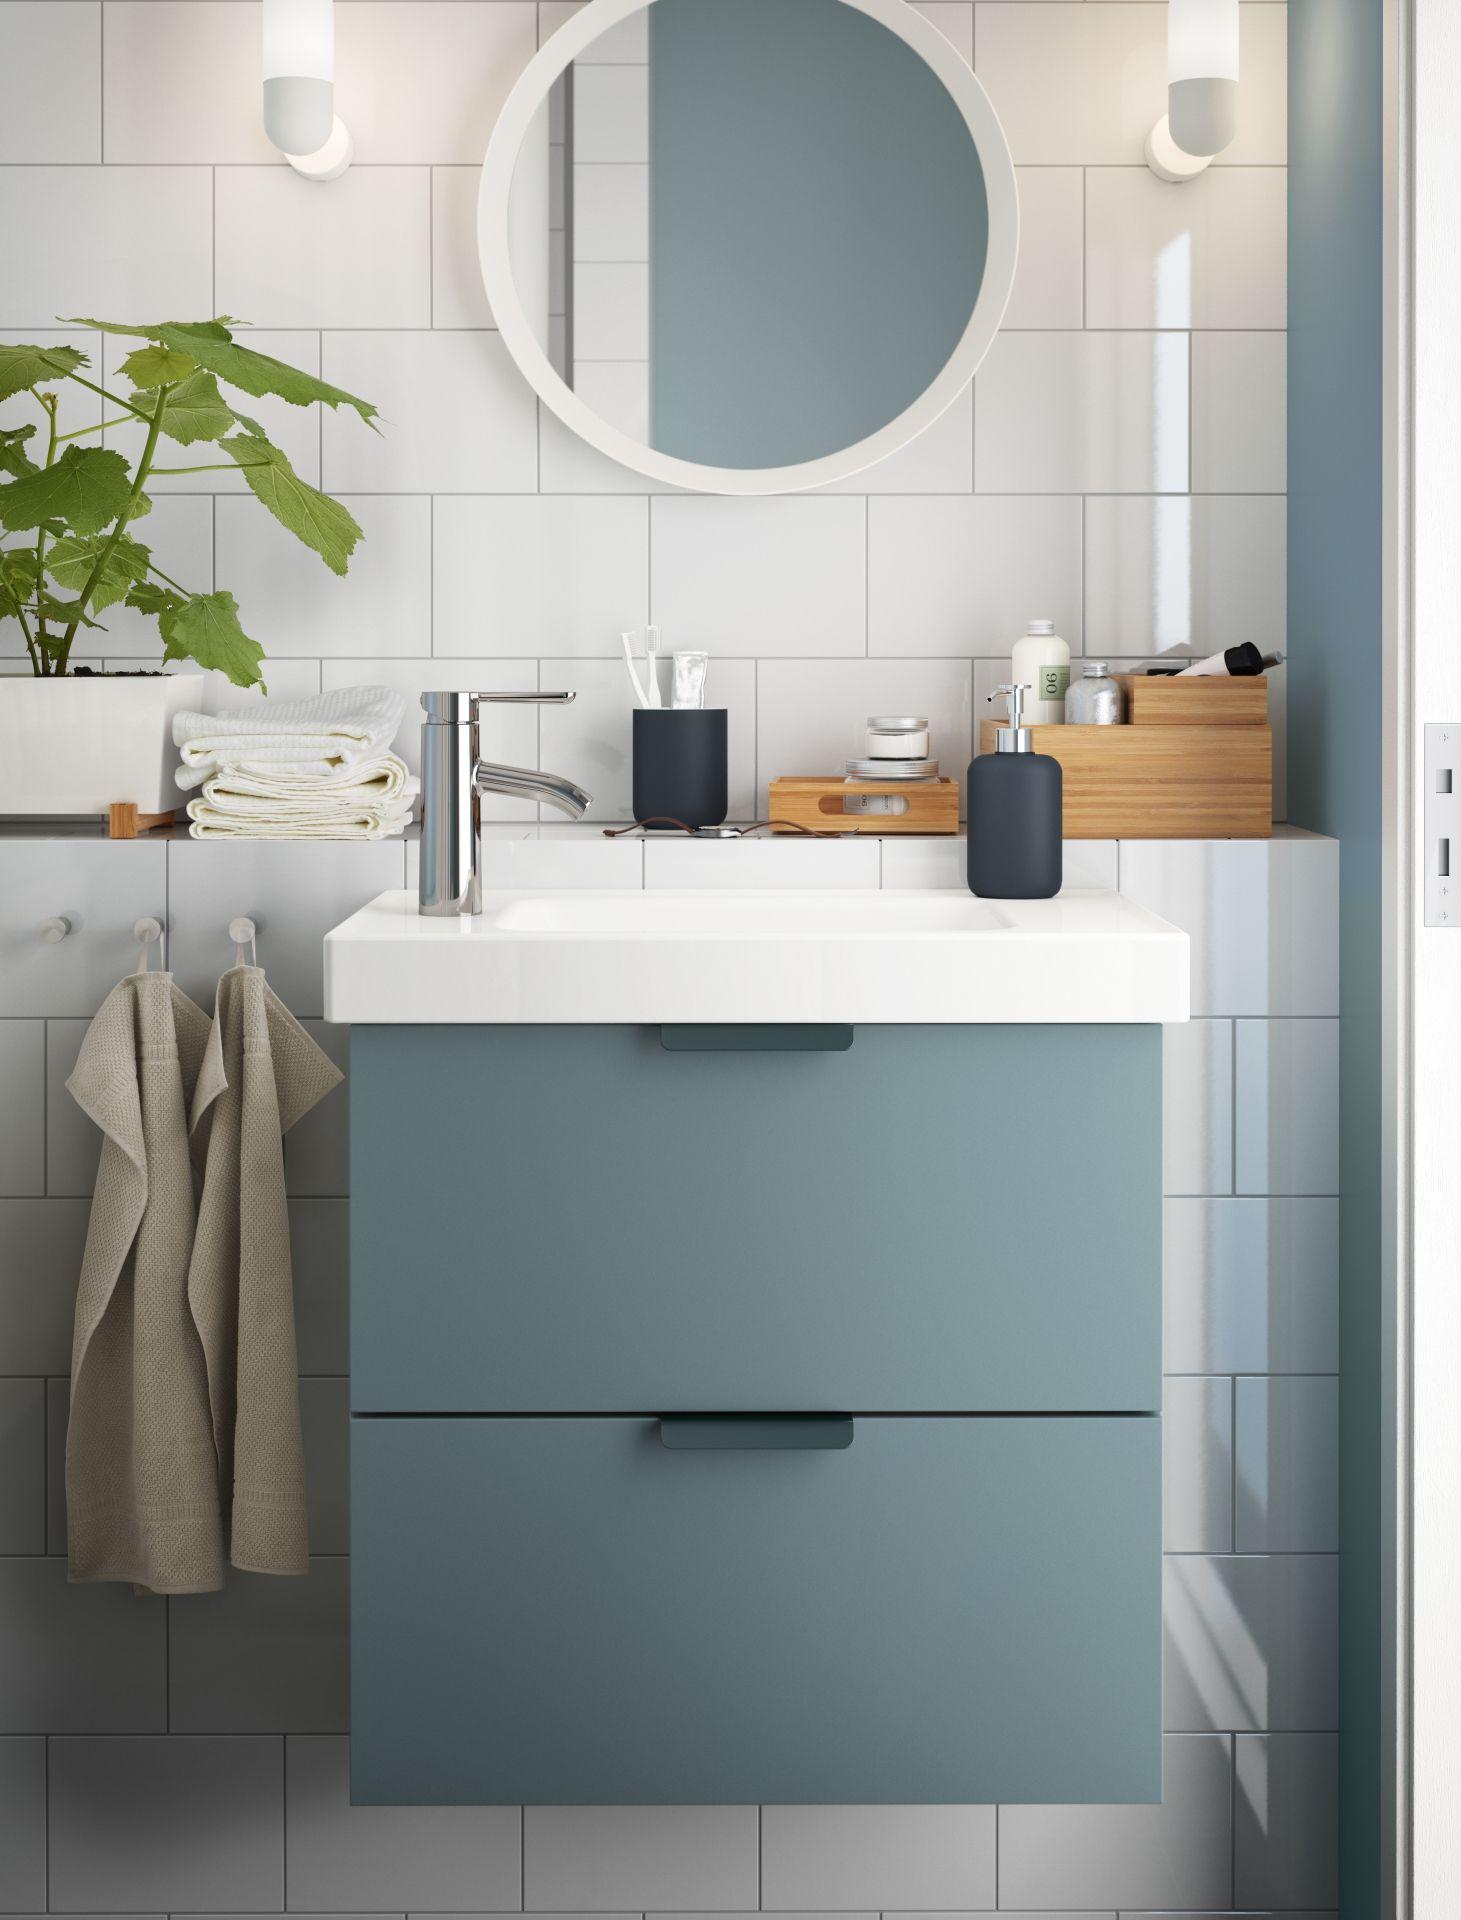 une salle de bains gain de place avec une petite touche. Black Bedroom Furniture Sets. Home Design Ideas